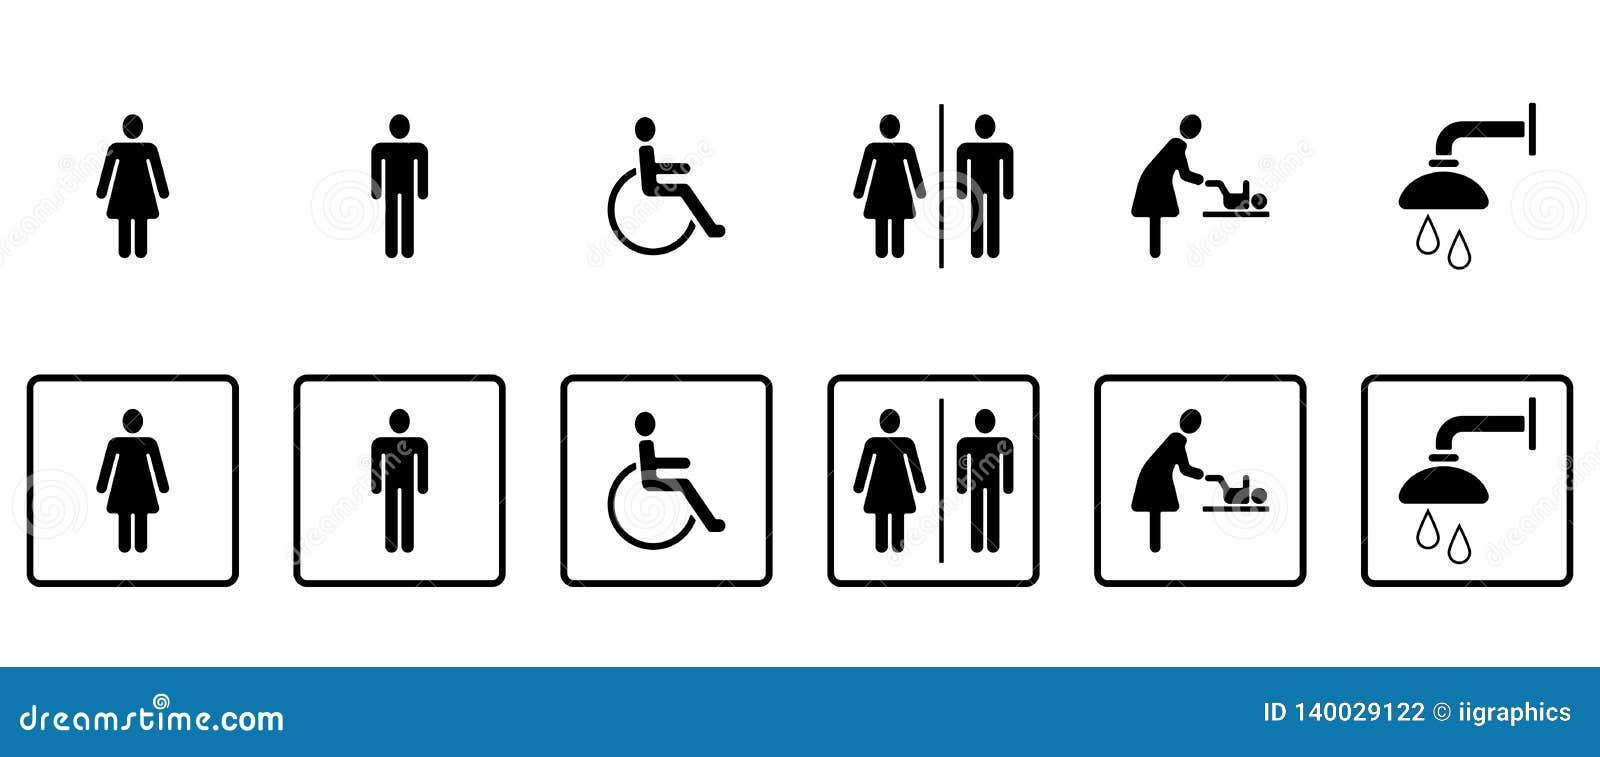 Pictograma do WC & dos toaletes - Iconset